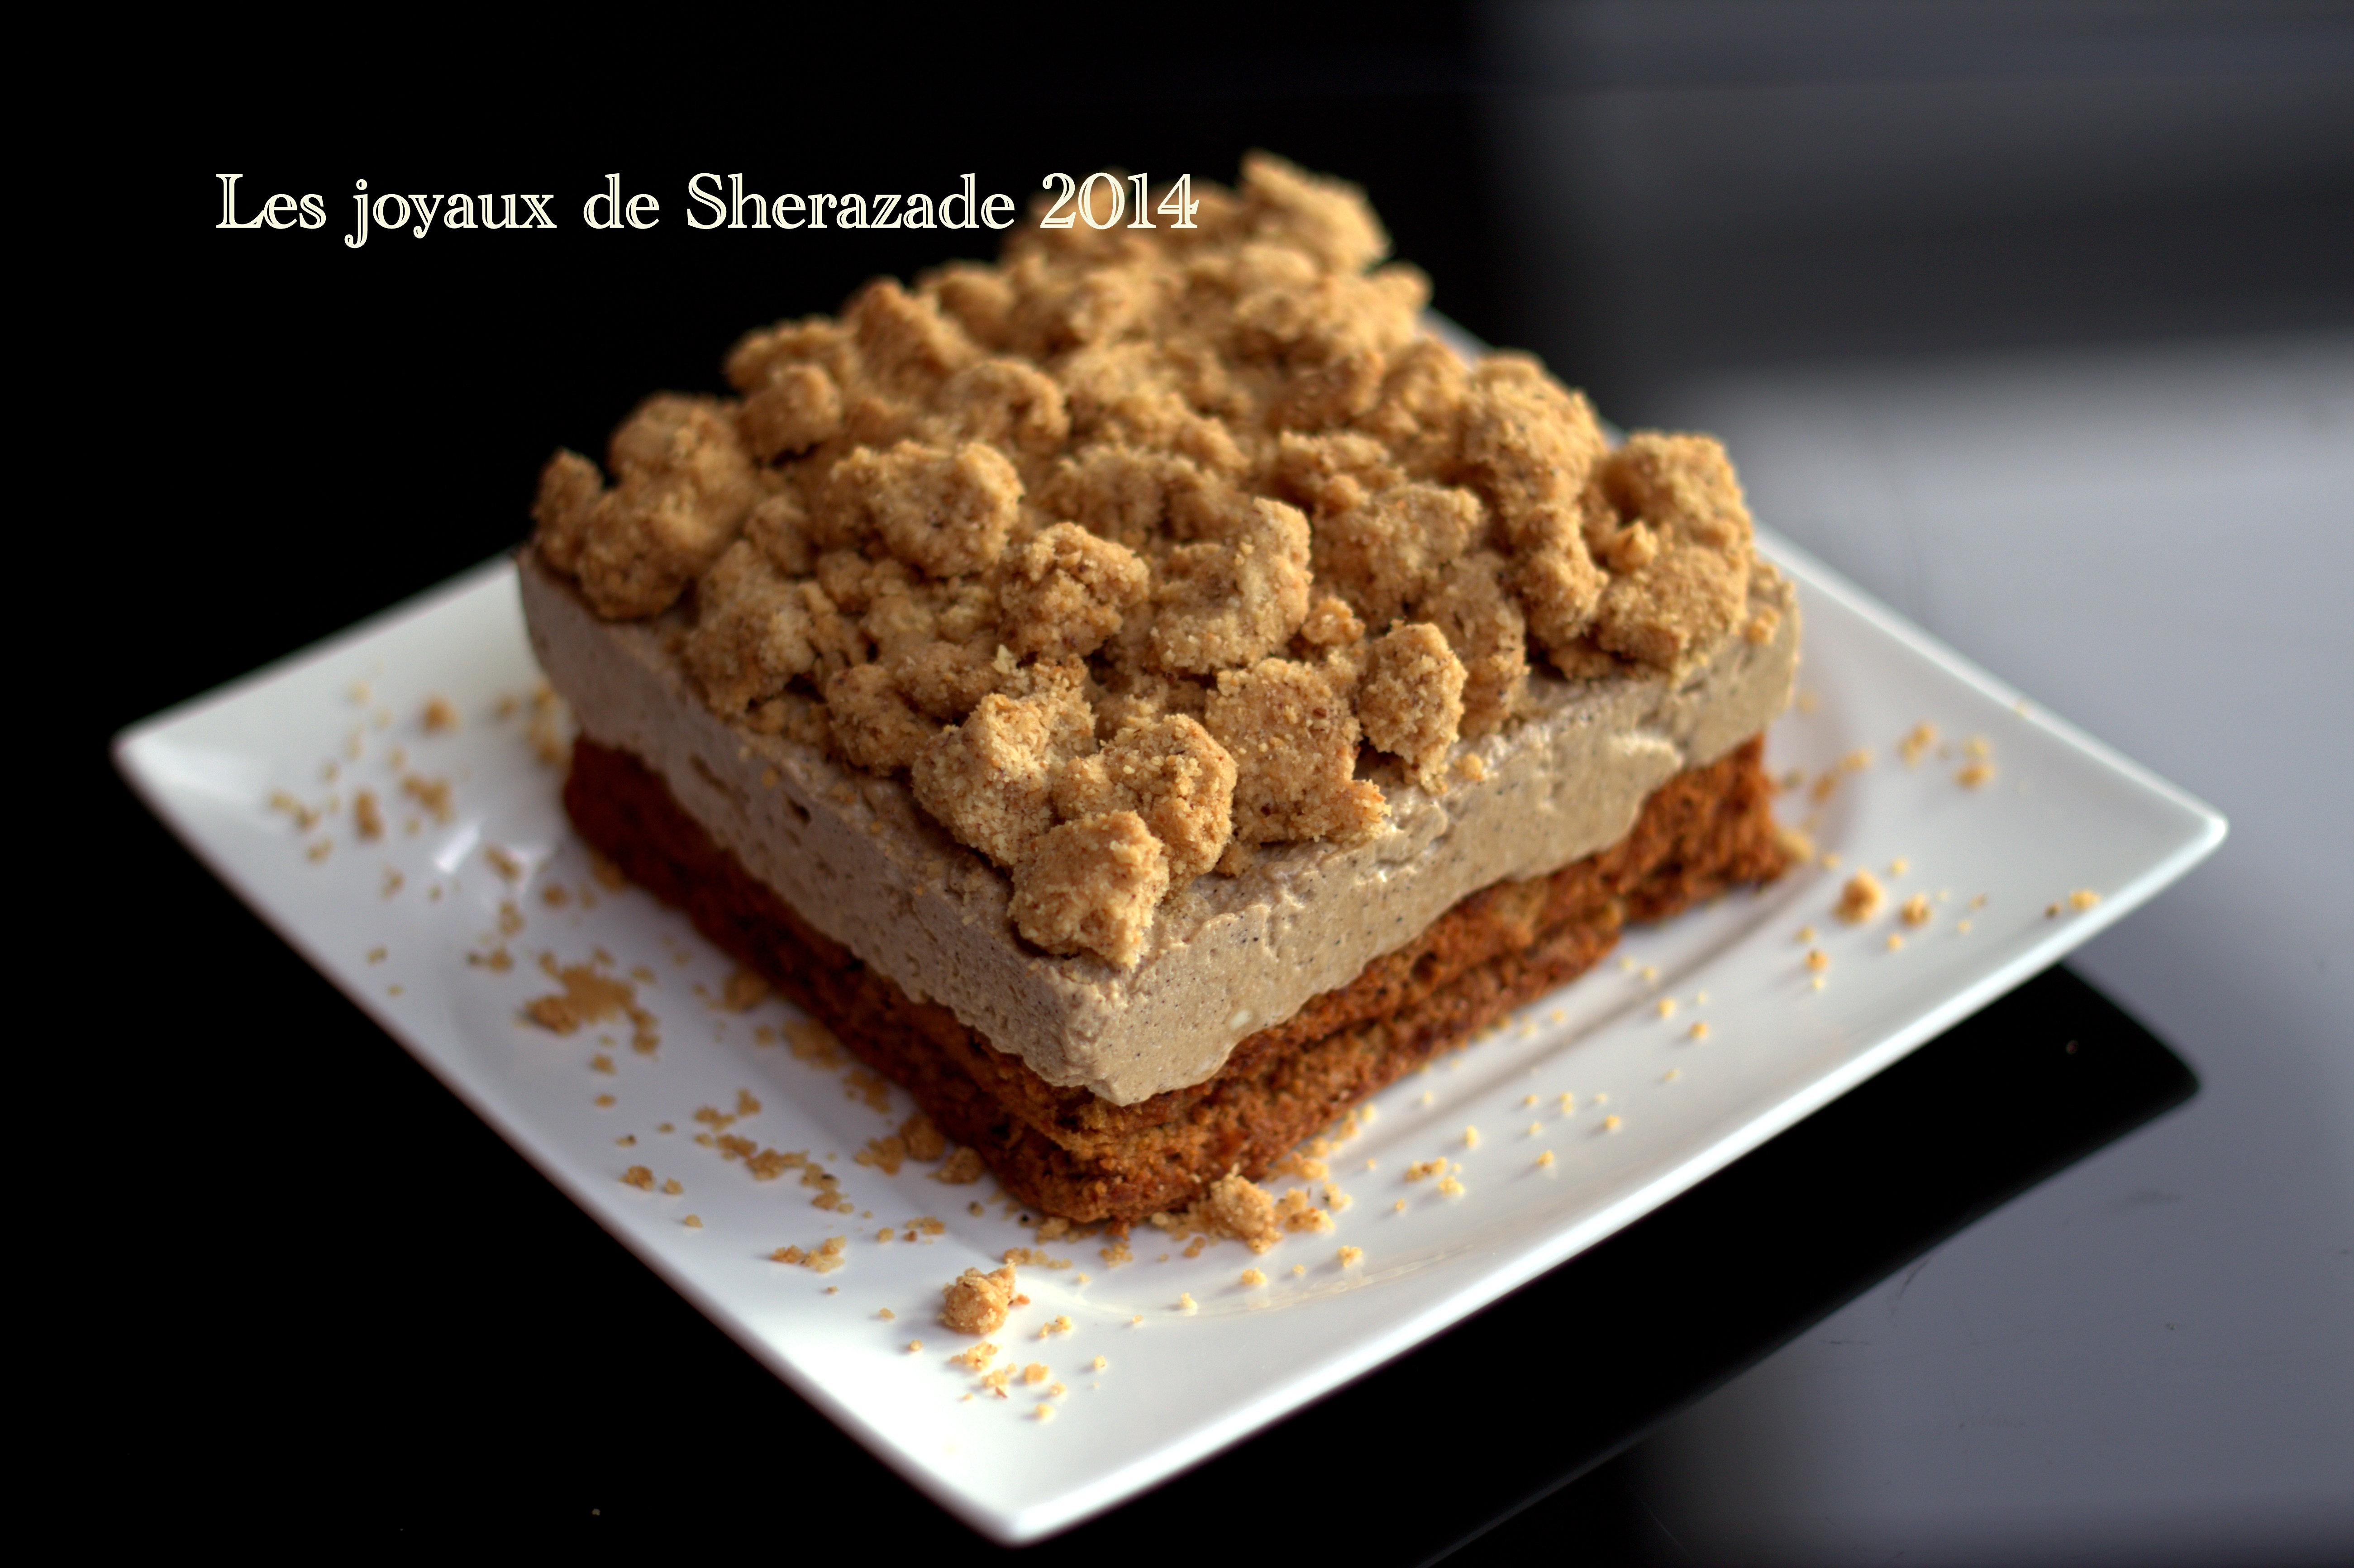 recette monde,world recipes,cuisine monde,world cuisine,cuisine française,repas